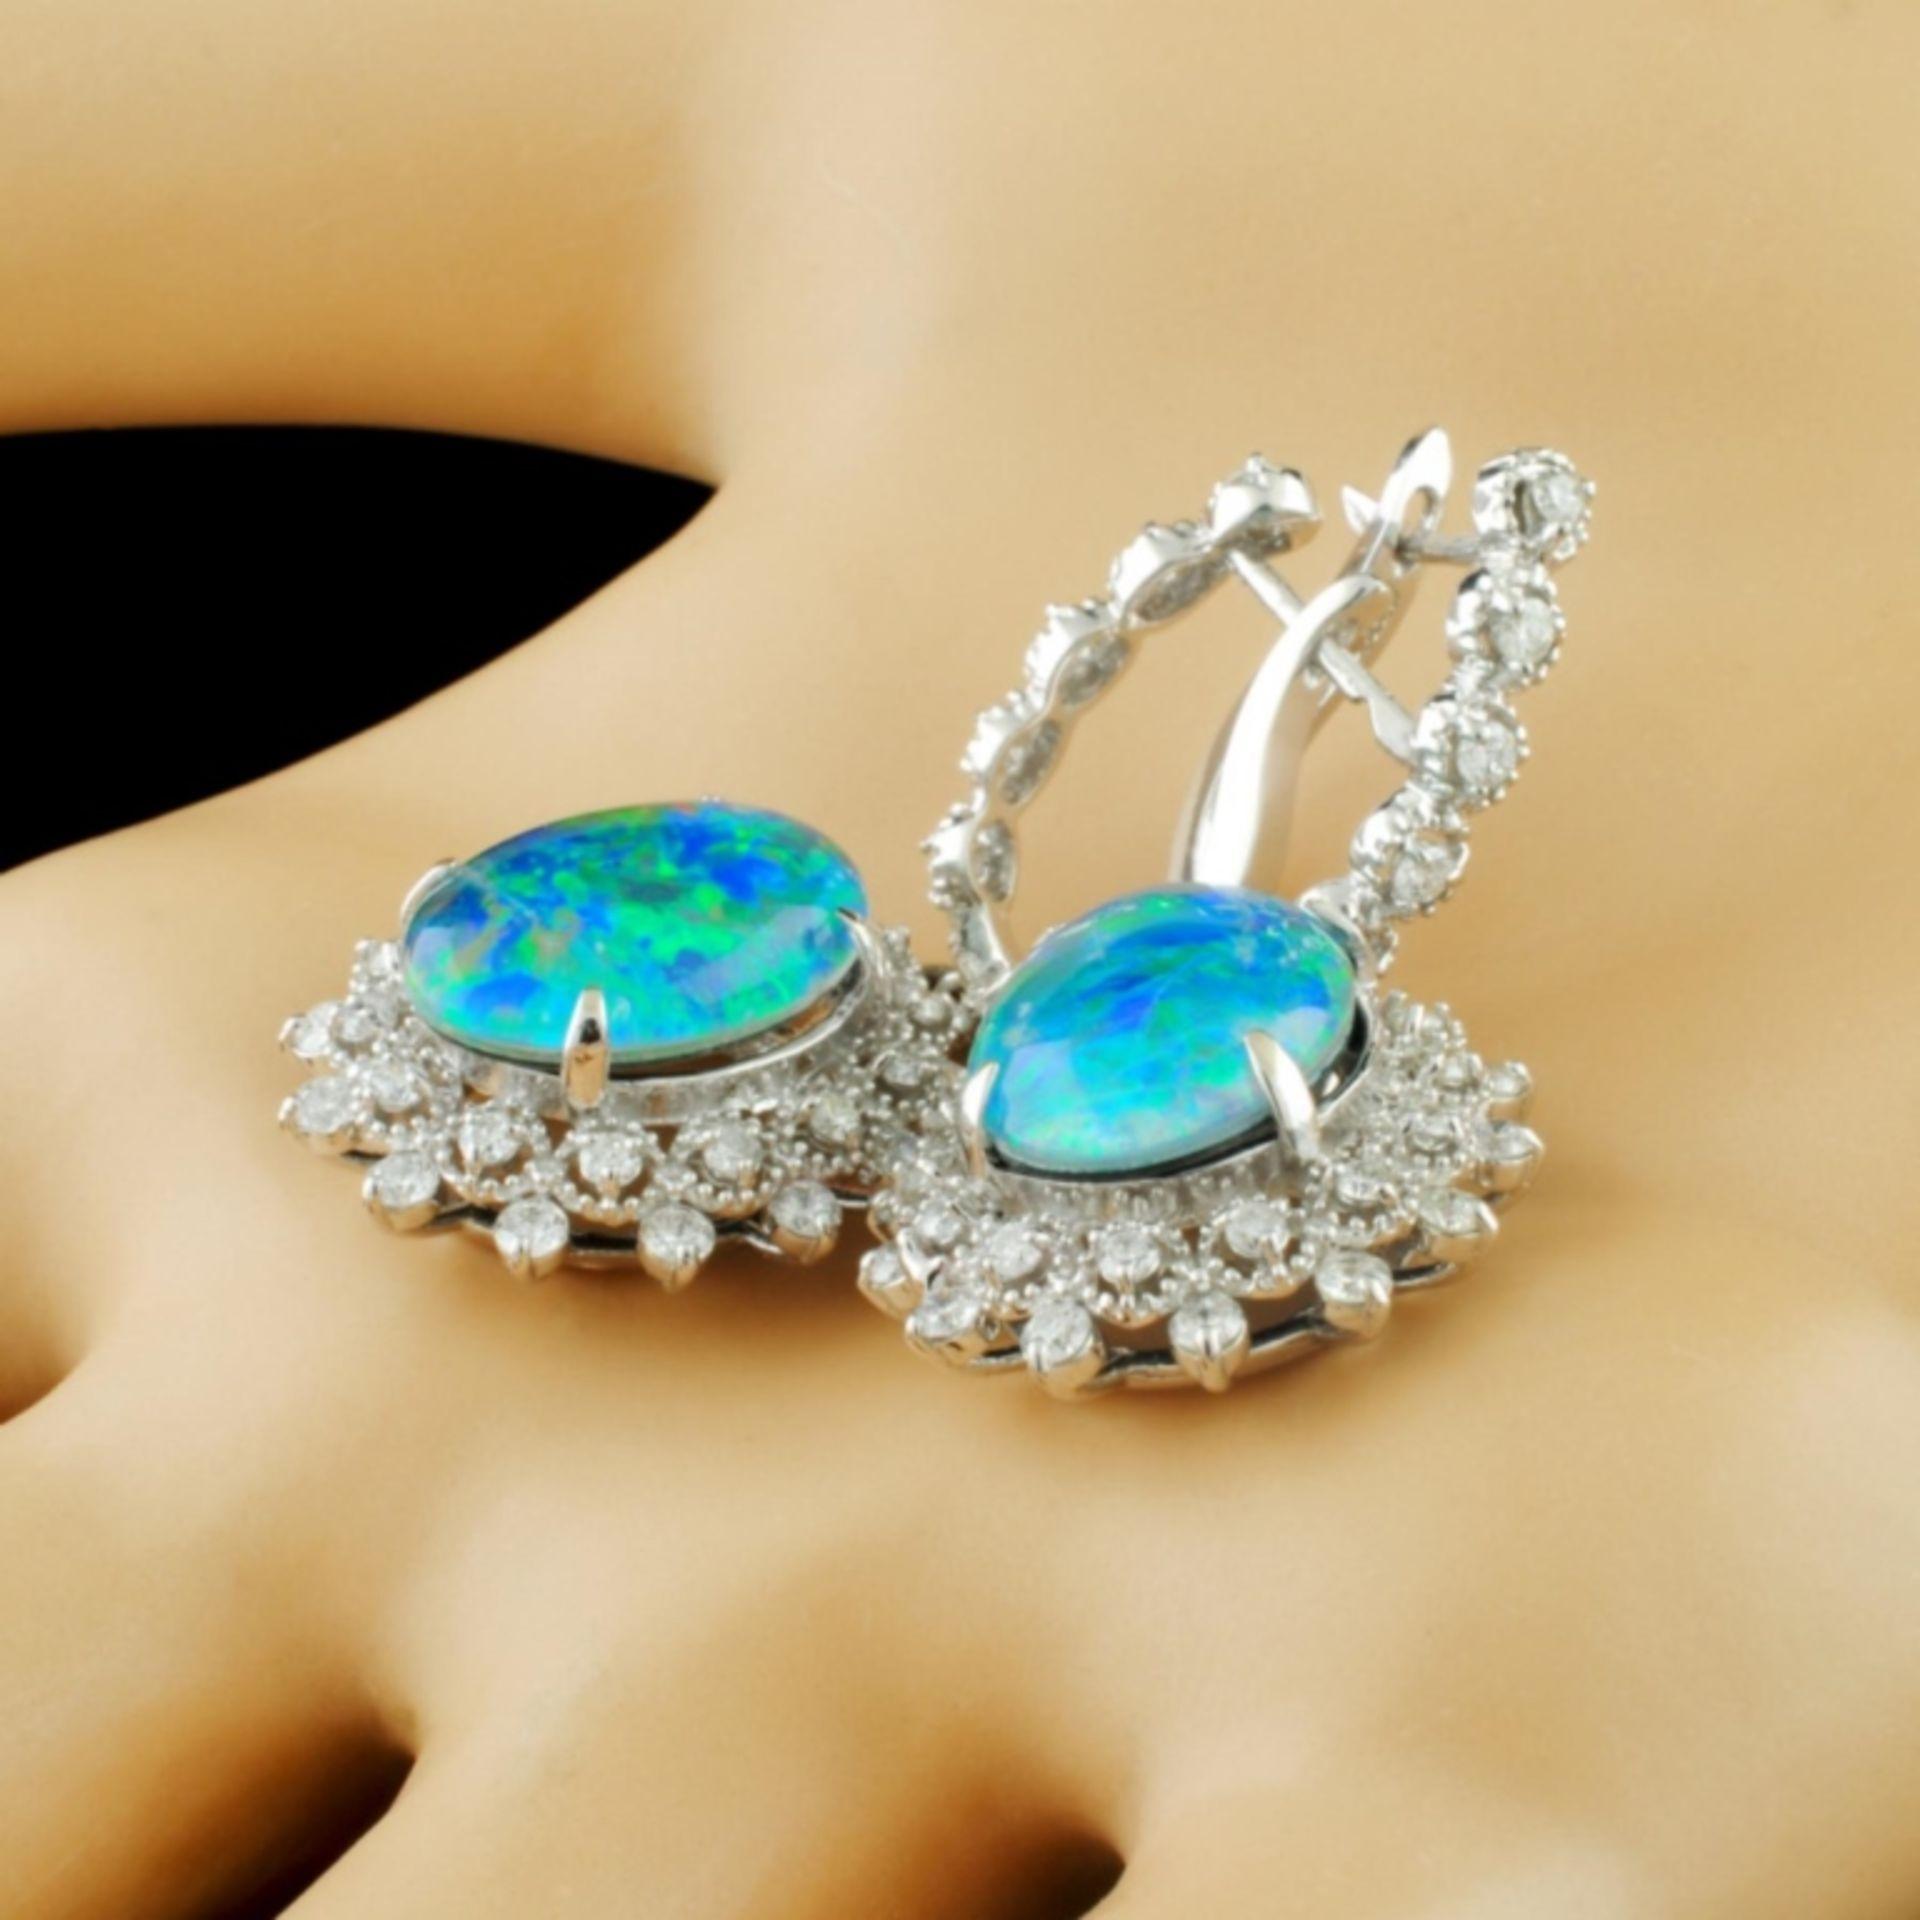 14K Gold 10.00ct Opal & 1.70ctw Diamond Earrings - Image 2 of 3